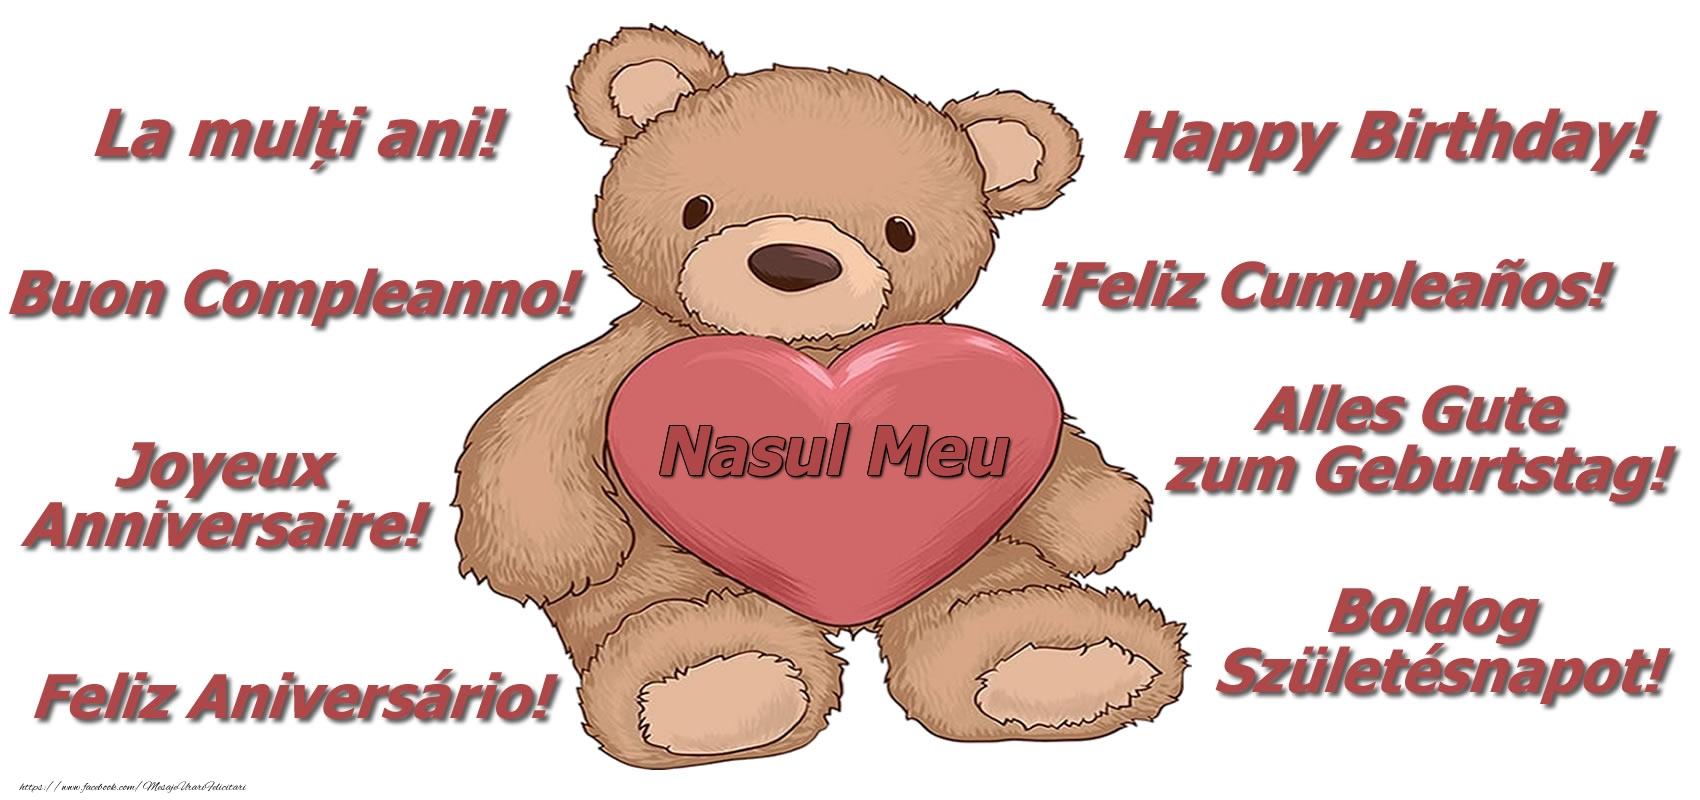 Felicitari de zi de nastere pentru Nas - La multi ani nasul meu! - Ursulet